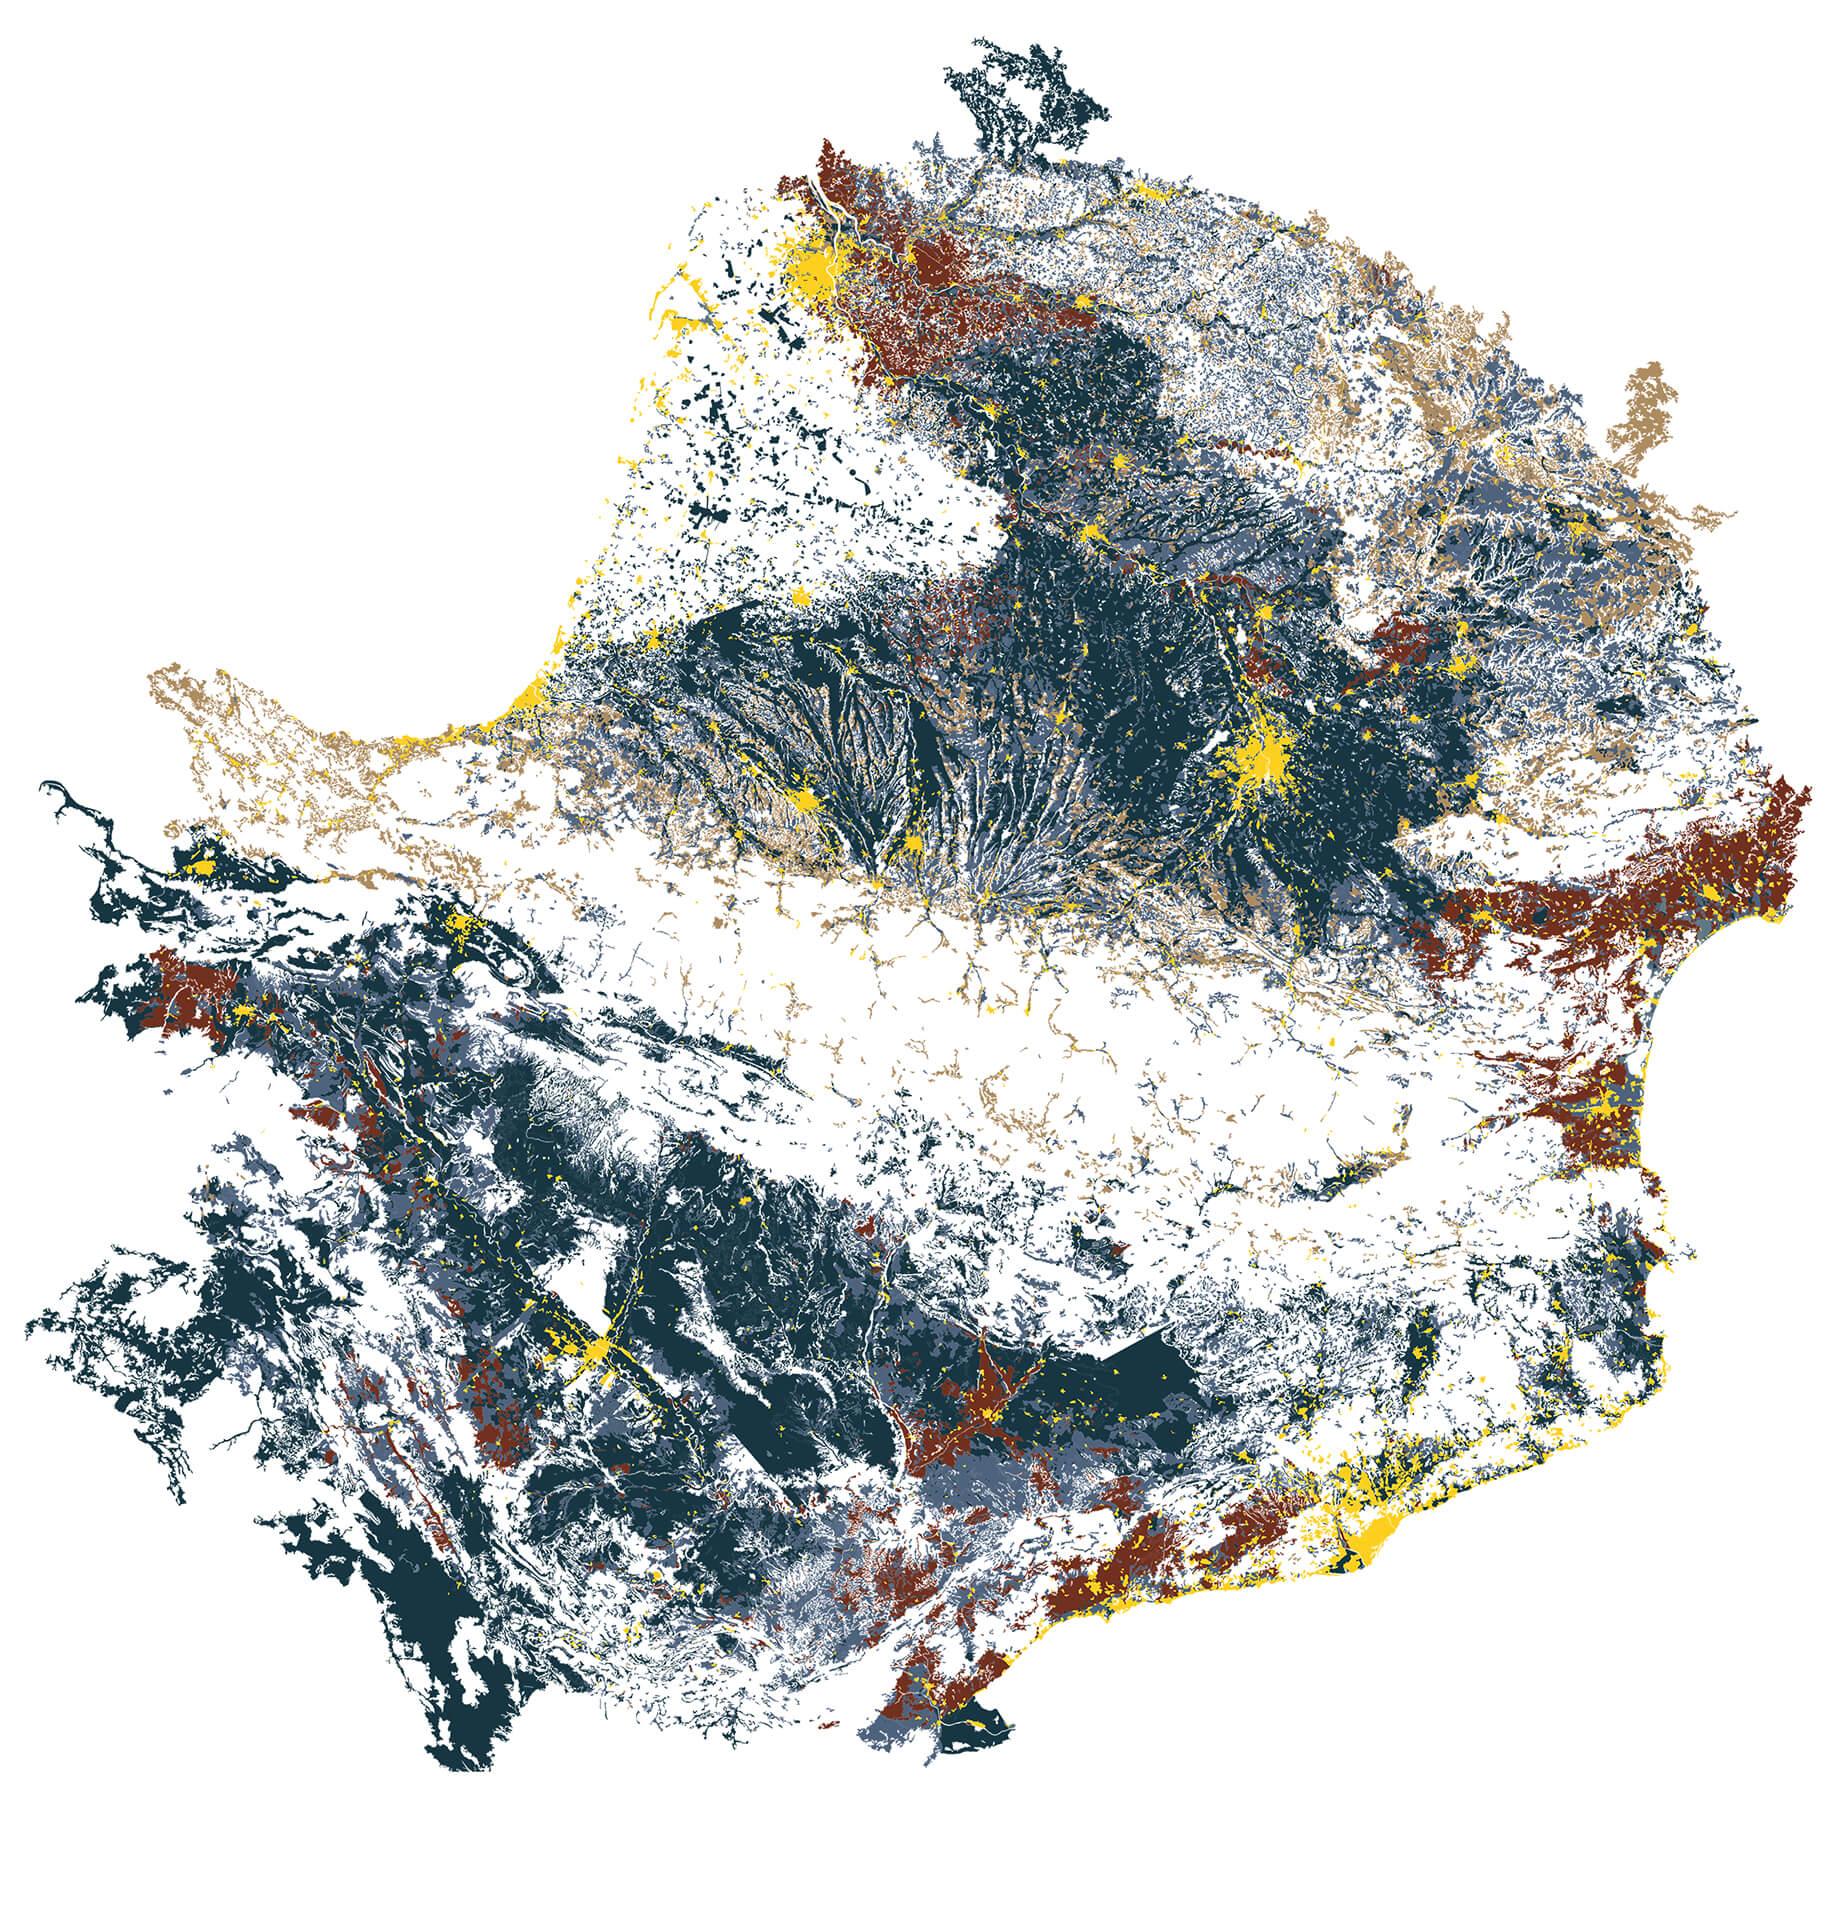 Carte des Pyrénées représentant les occupations du sol liées à l'activité des hommes. Une ligne émerge par l'absence de celles-ci marquant un vide.